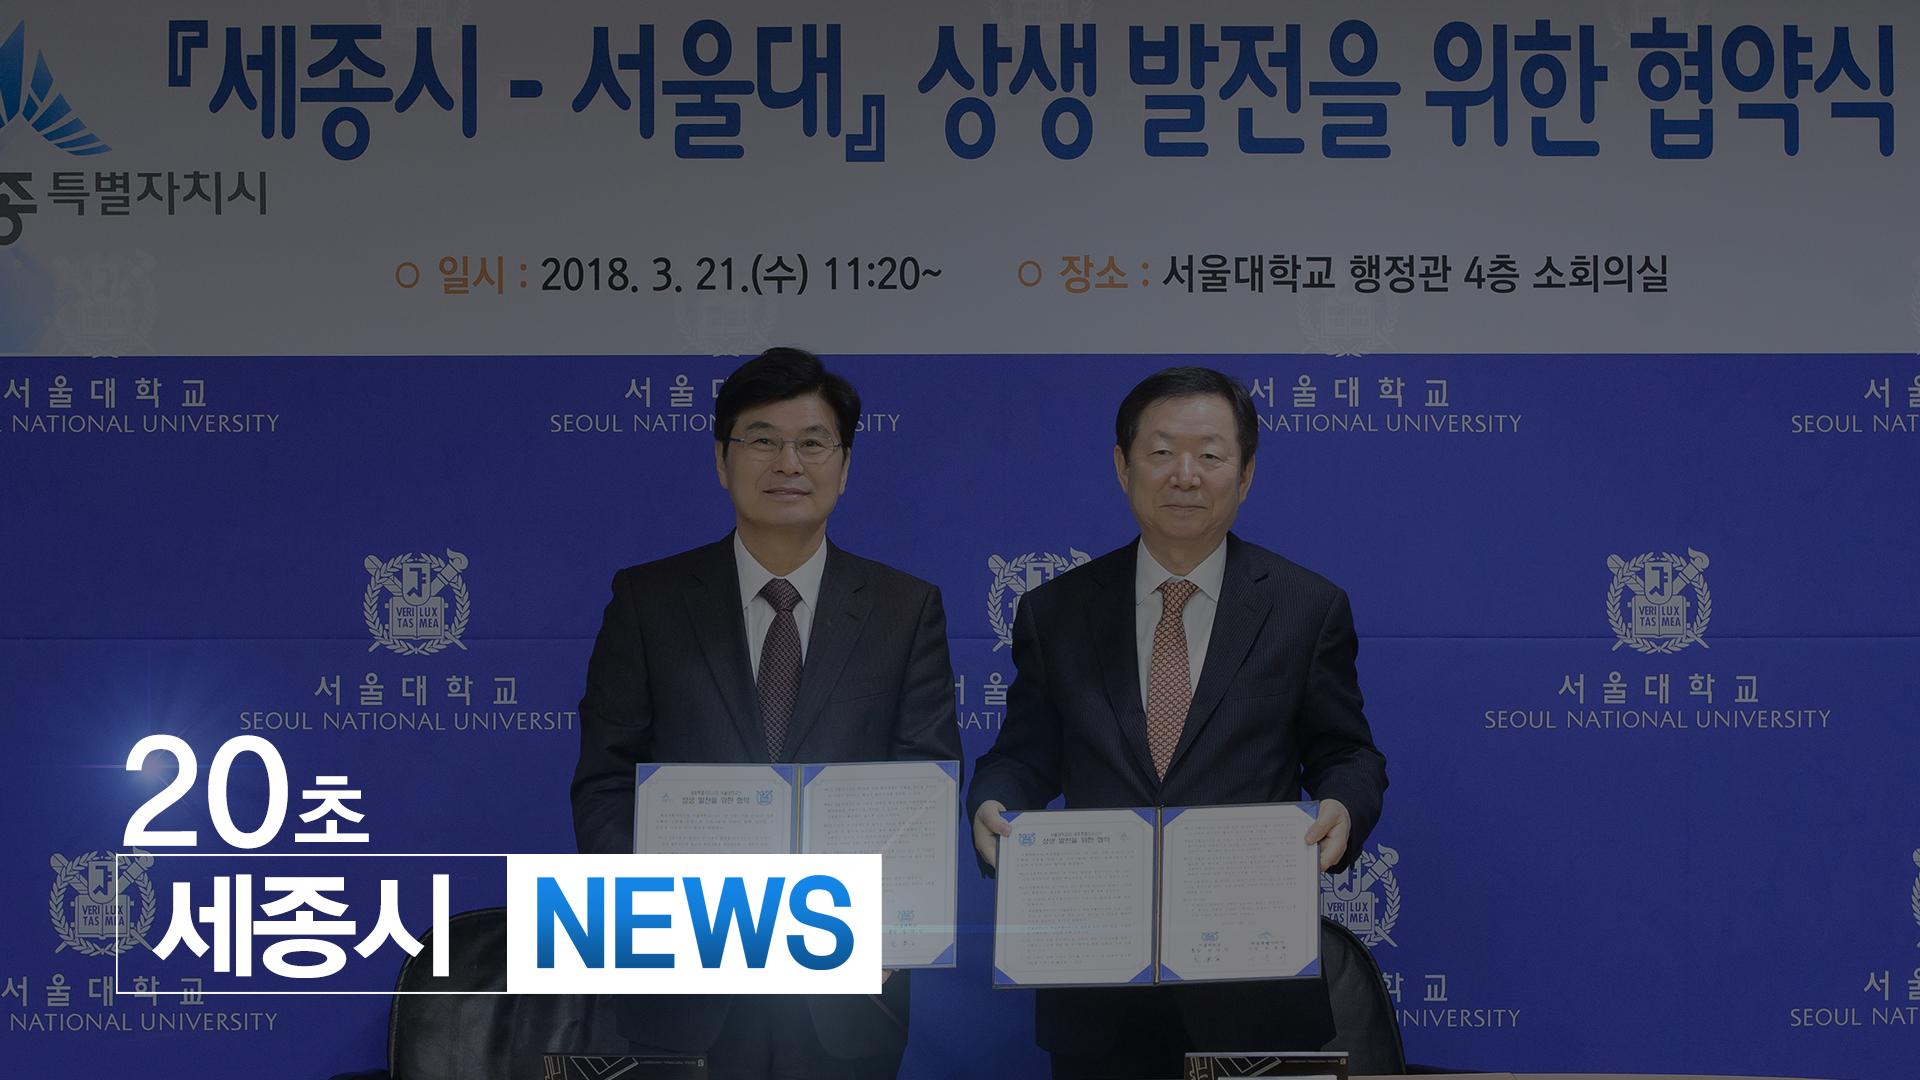 <20초뉴스> 세종시·서울대 상생 발전 협약 체결